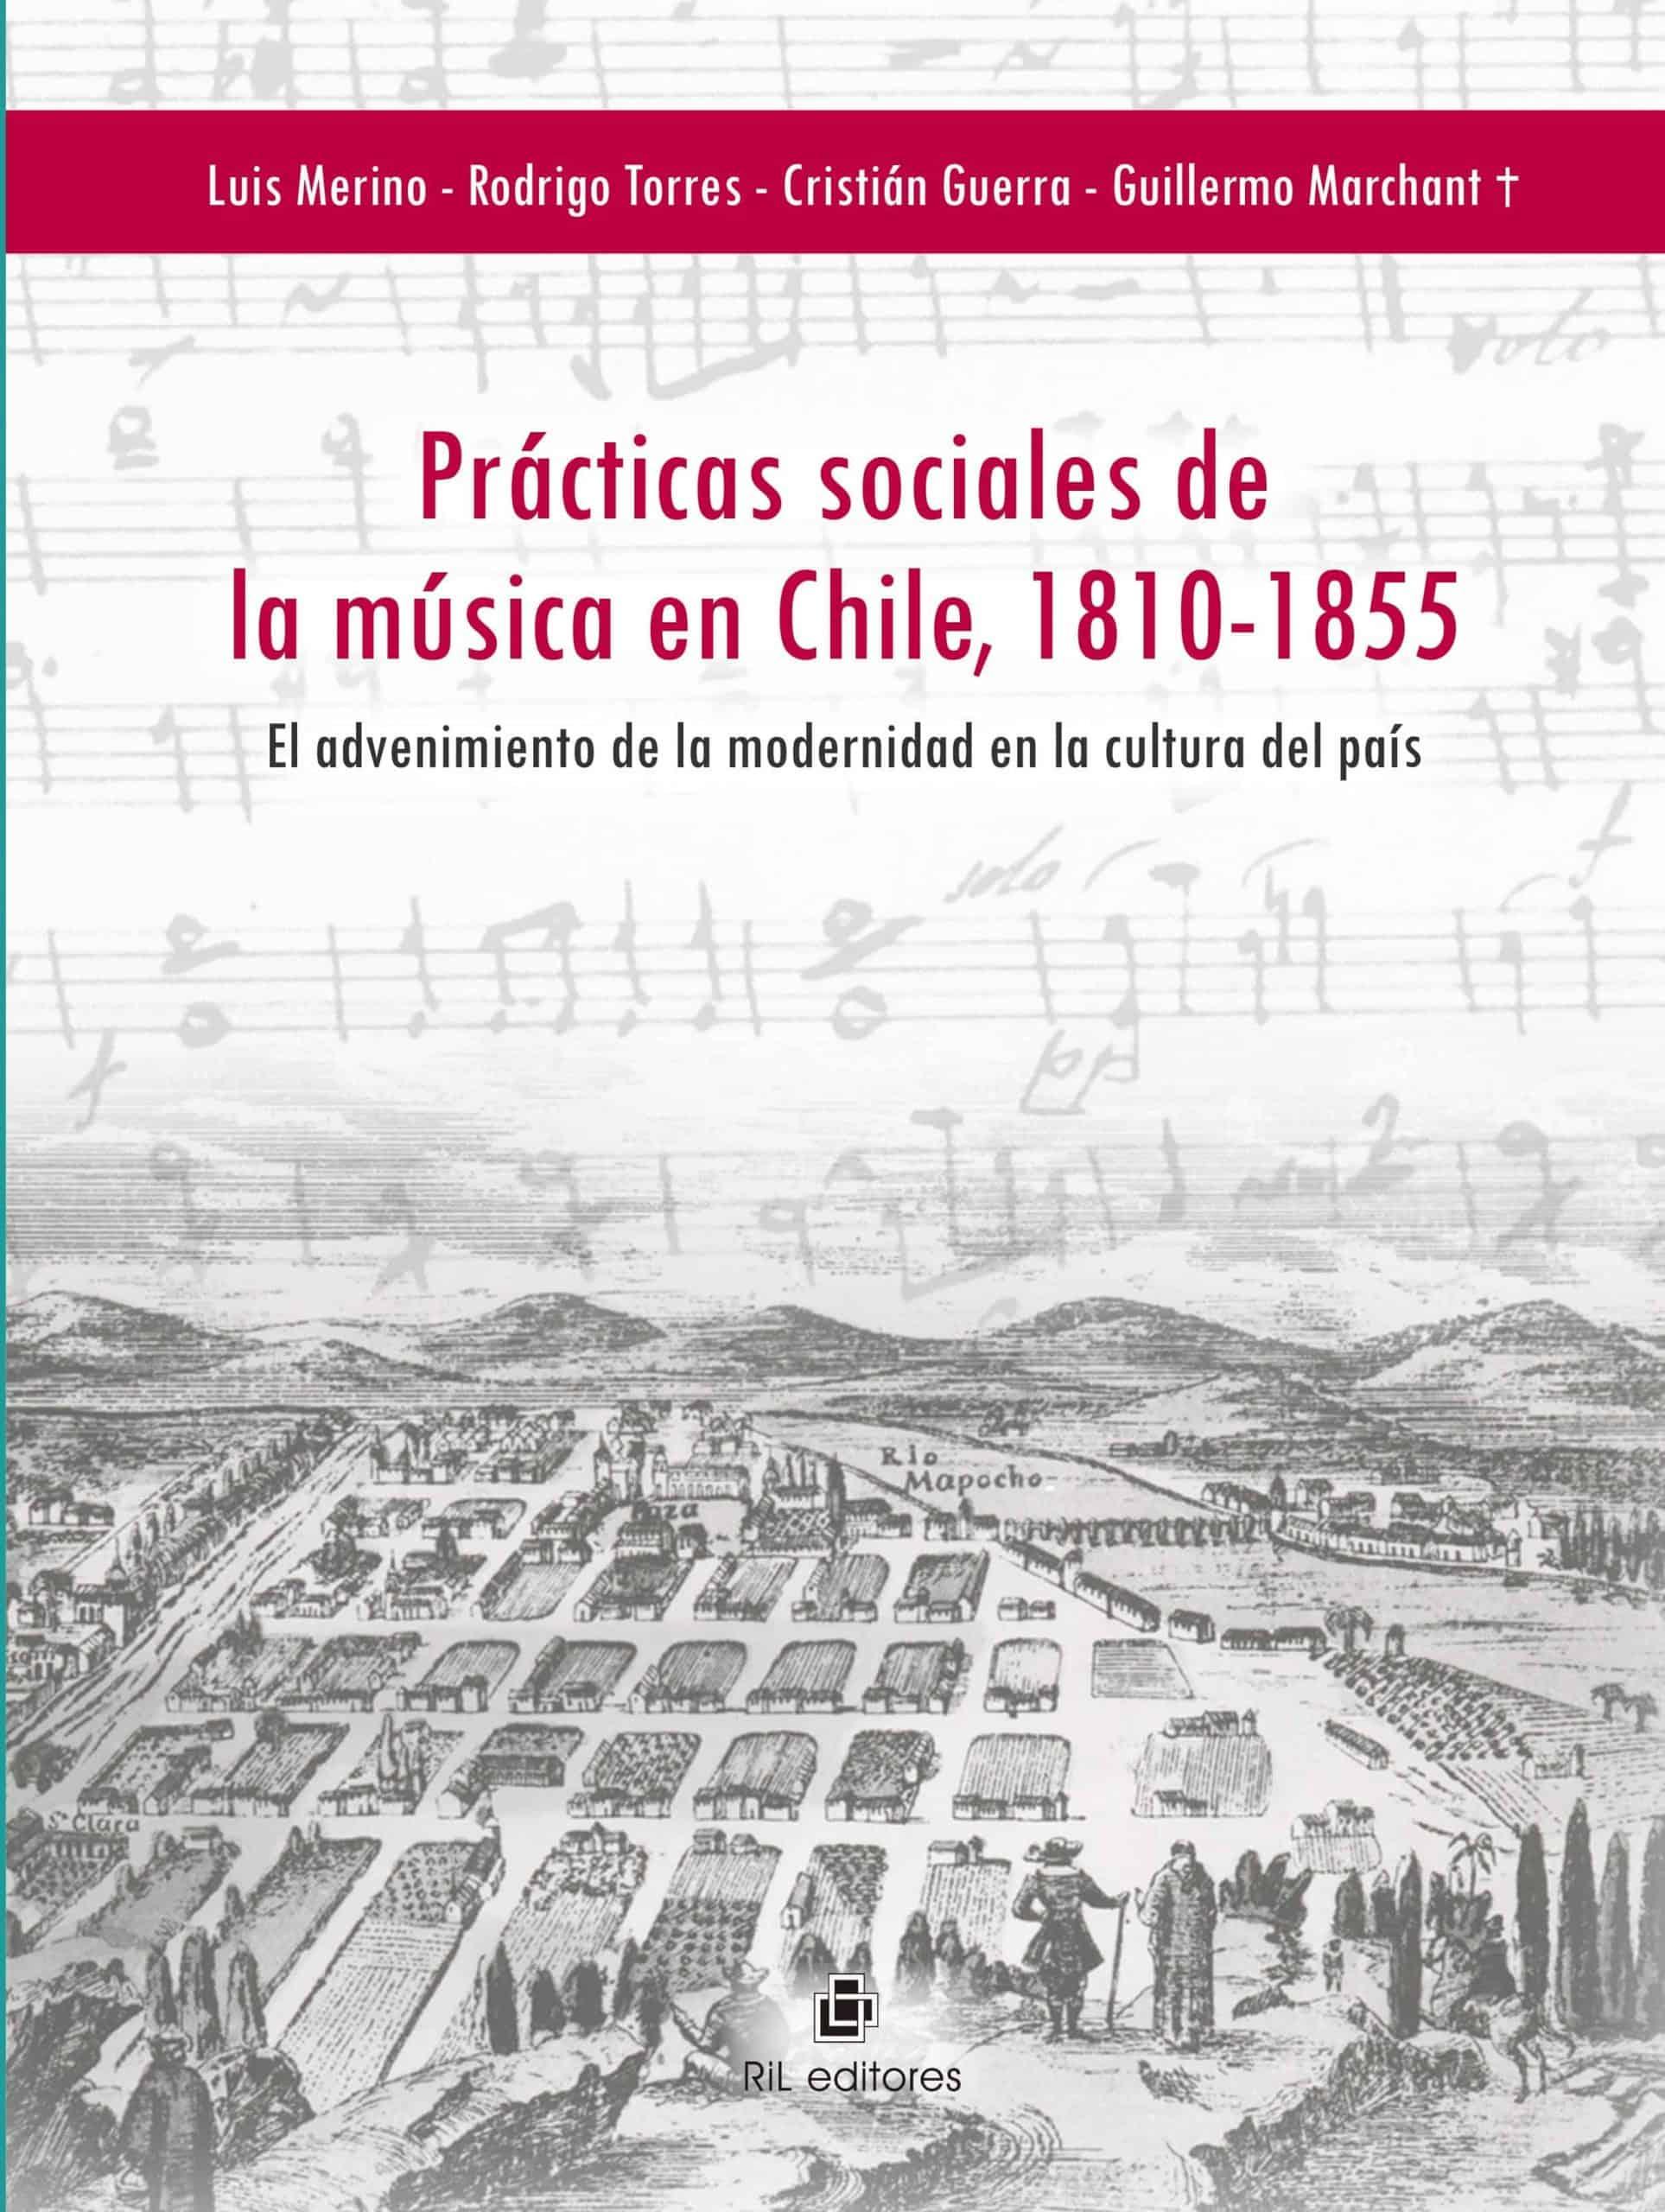 Prácticas sociales de la música en Chile, 1810-1855: el advenimiento de la modernidad en la cultura del país 1